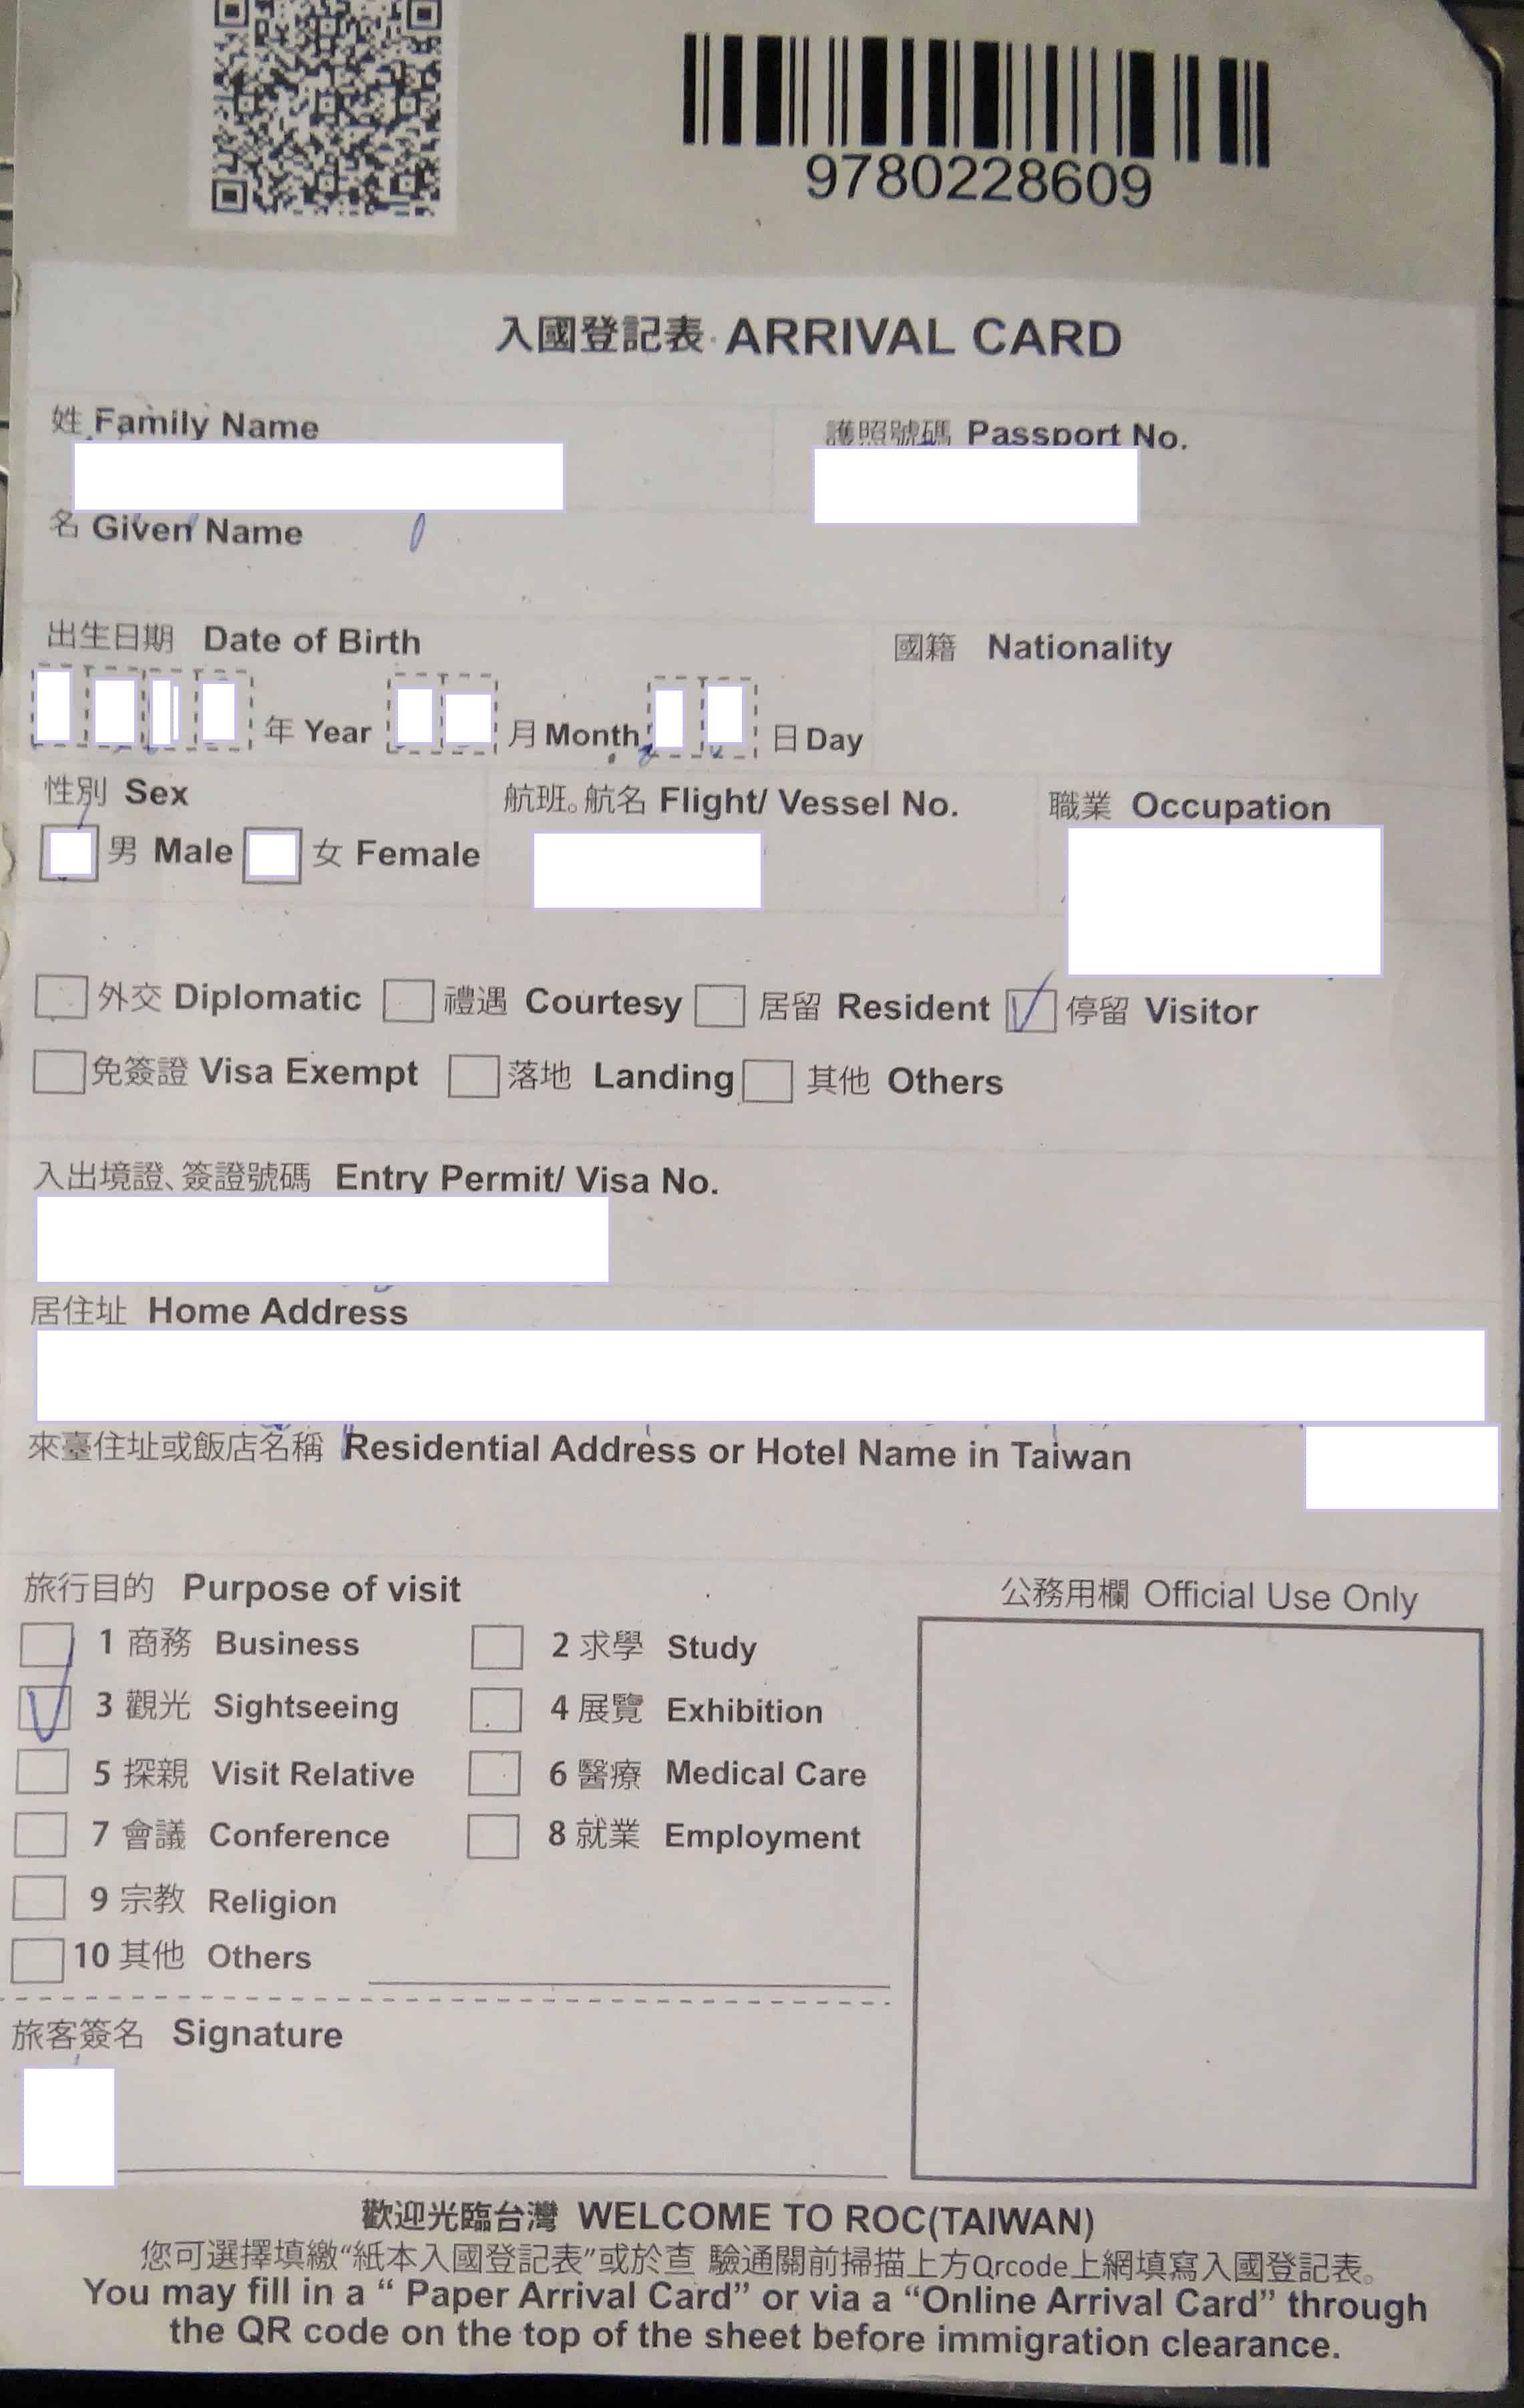 5 - Hướng dẫn cách viết, ghi tờ khai nhập cảnh Đài Loan